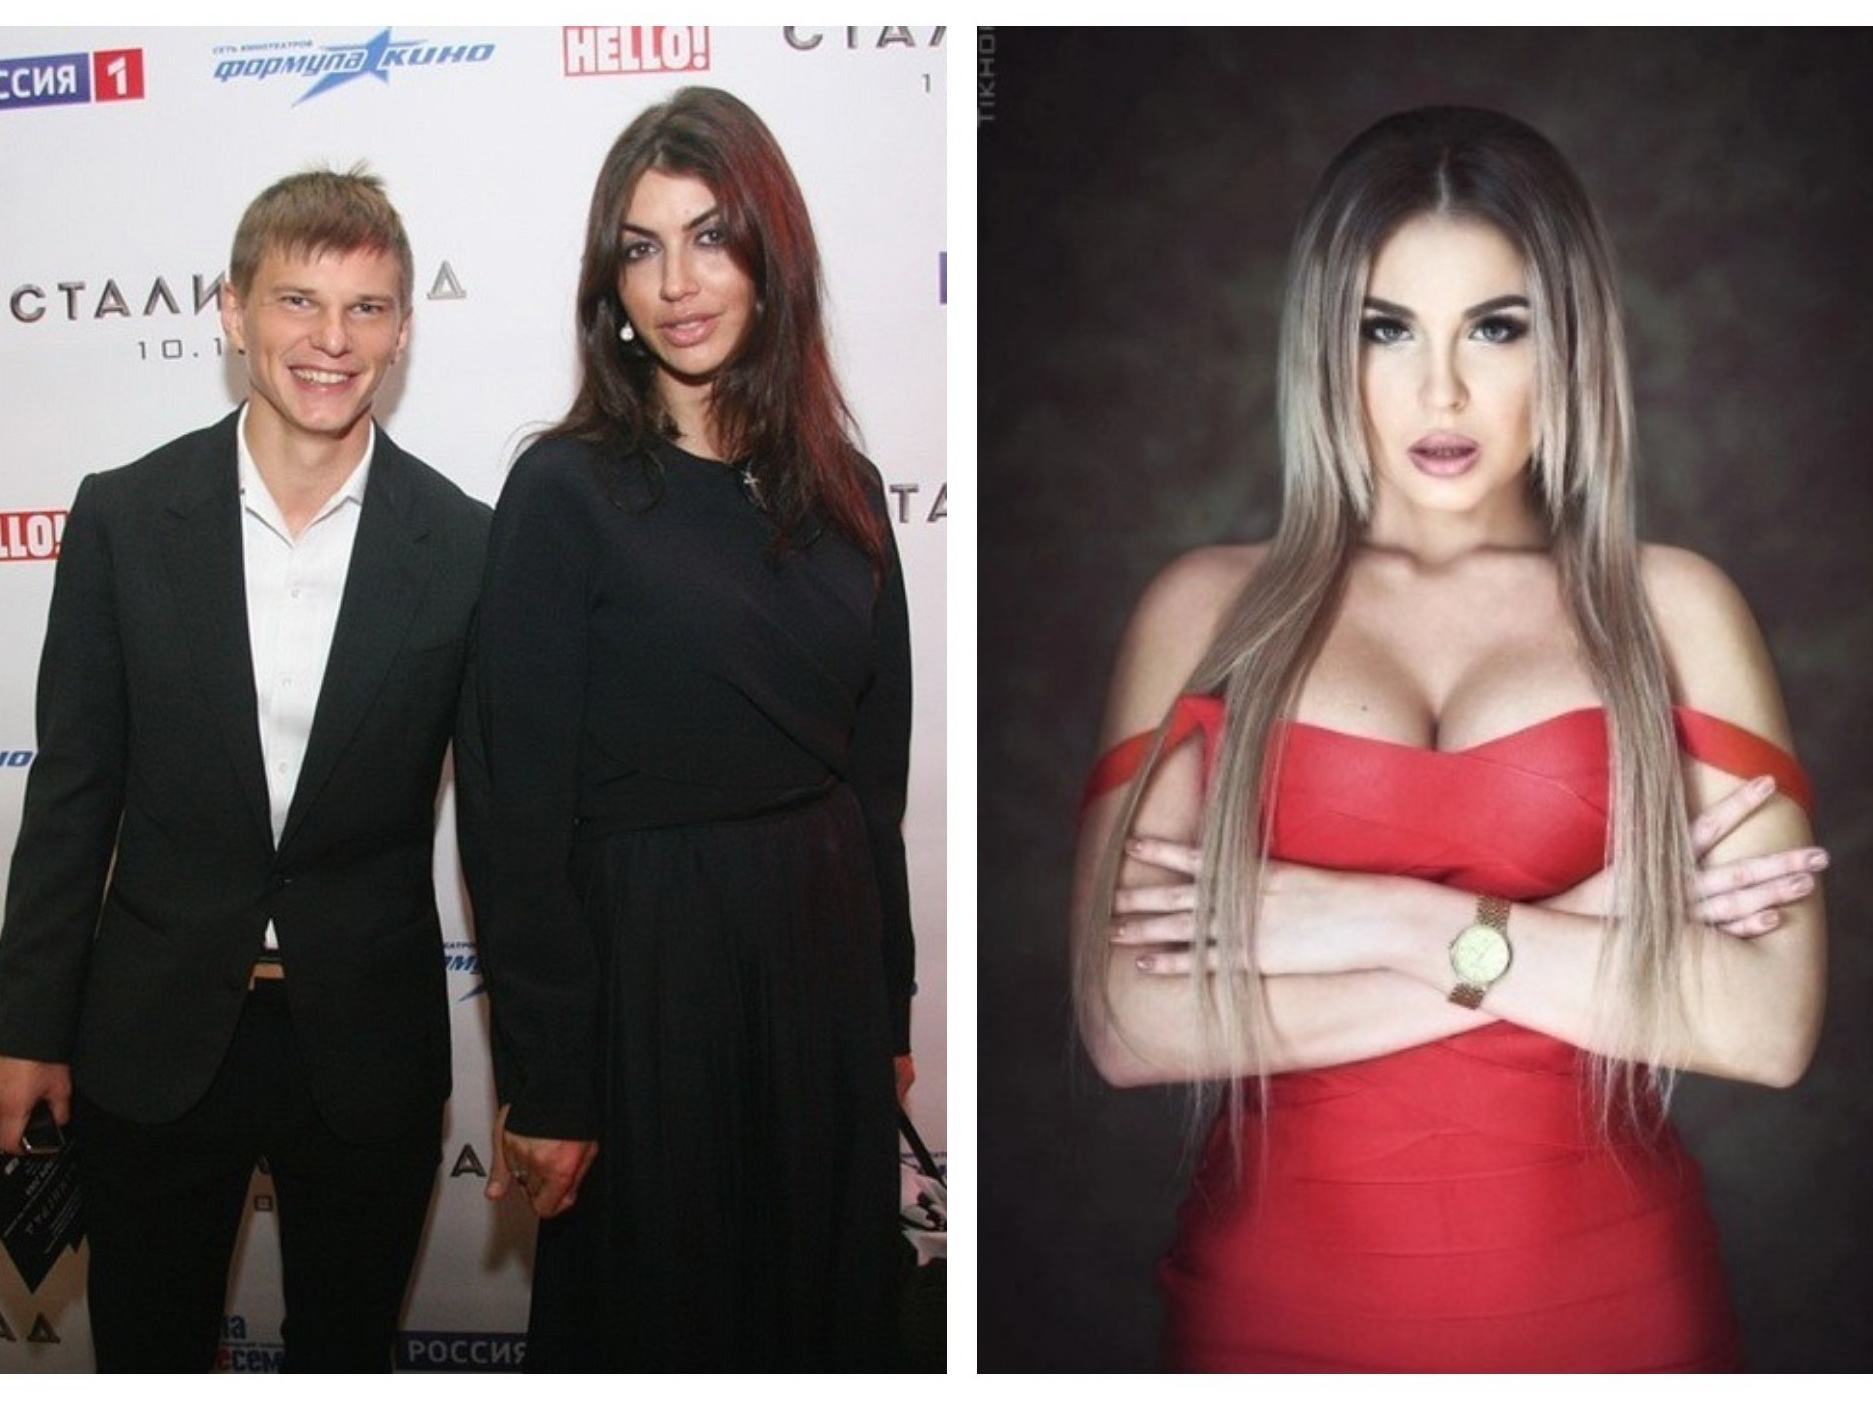 На жену Аршавина завели уголовное дело по трем статьям после заявления предполагаемой соперницы – ФОТО – ВИДЕО